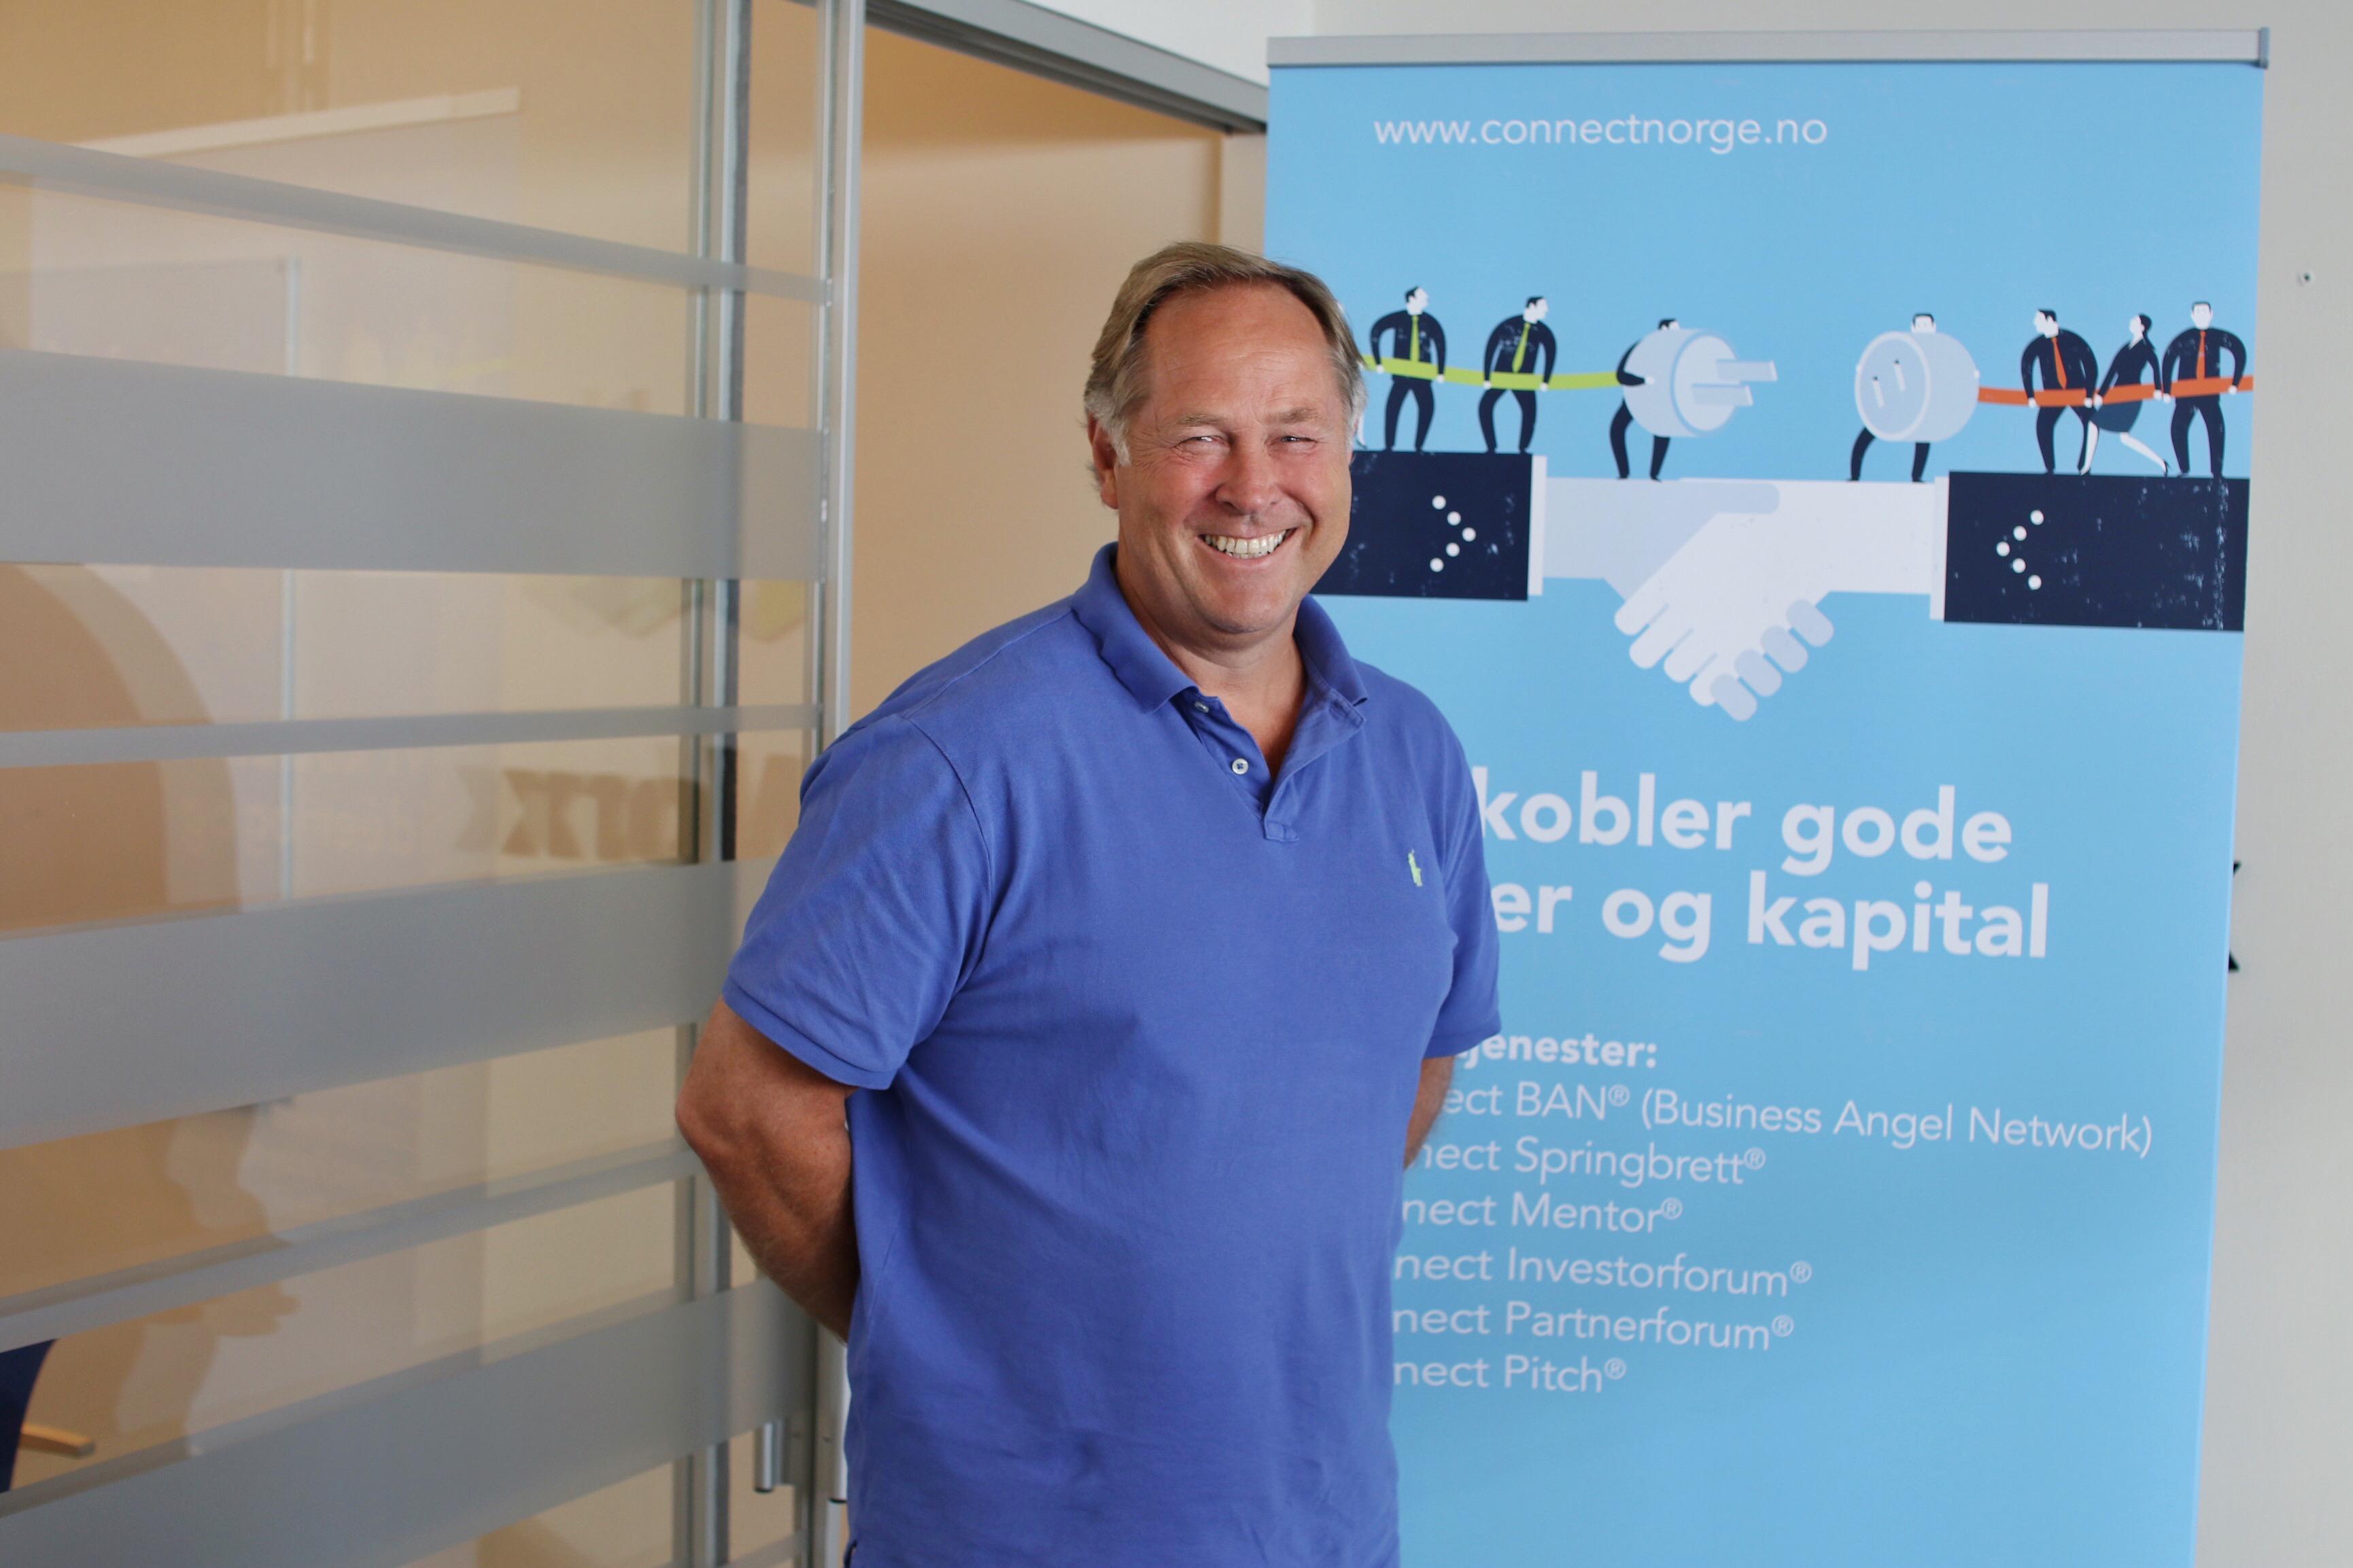 MELLOMMANNEN: Bjørn Erik Aastveit Ved Connect Sørlandet Kobler Gründere Med Potensielle Investorer. Han Har Råd Til Hvordan Du Bør Gå Frem Som Fersk Gründer.